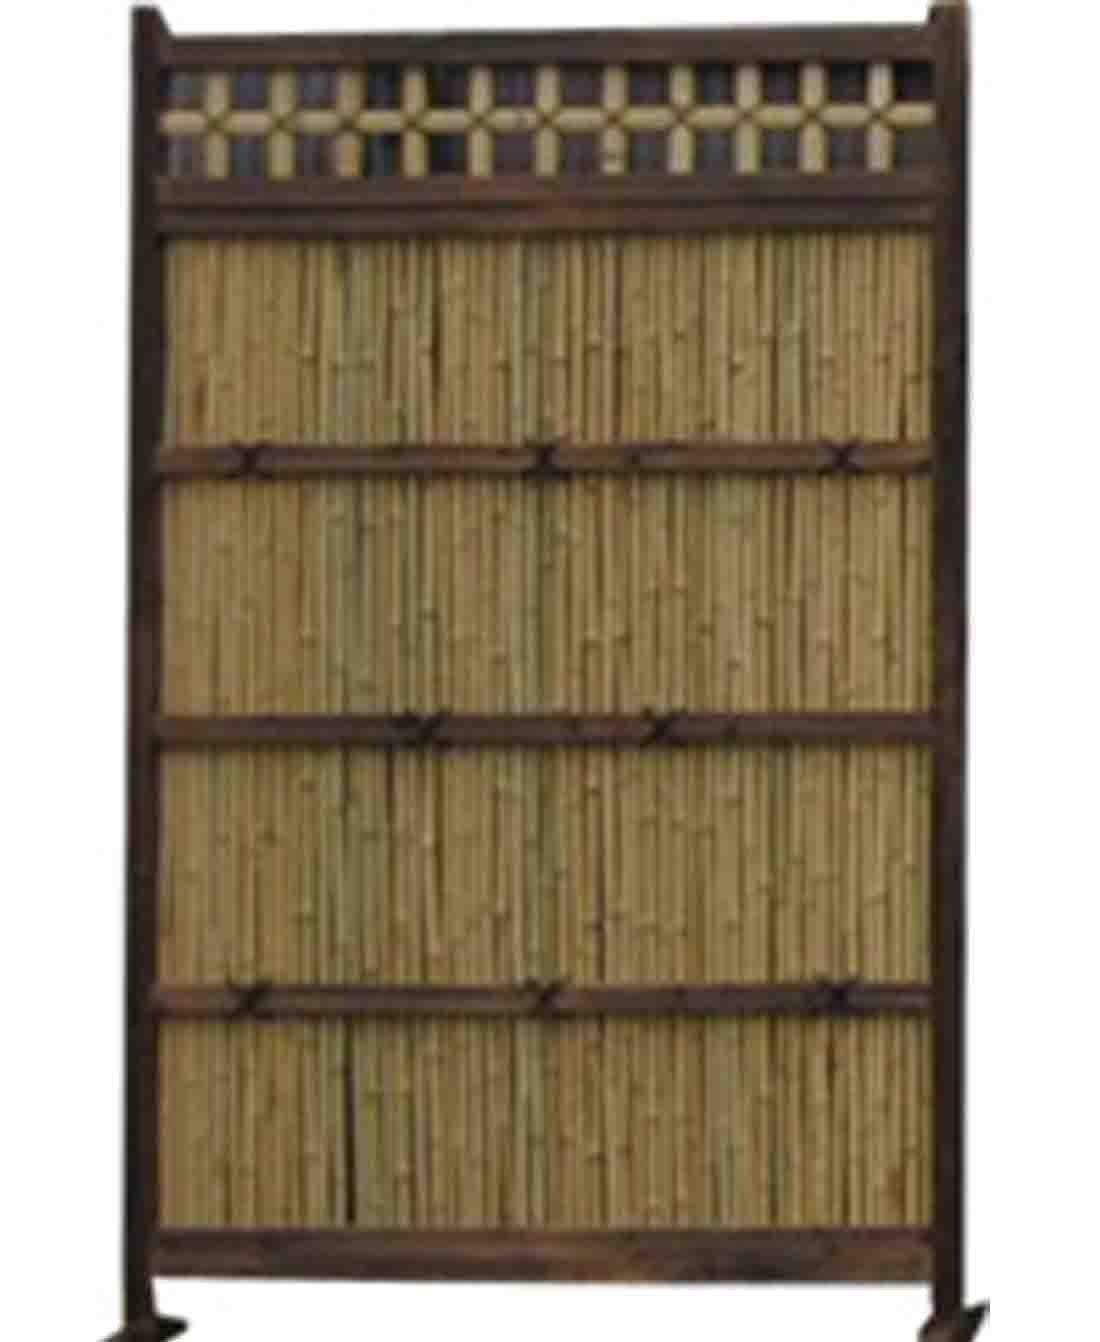 竹垣袖垣 お庭を和風に演出 竹垣(幅120cm×高さ190cm)※メーカー直送 B00JQVWT8A 23800